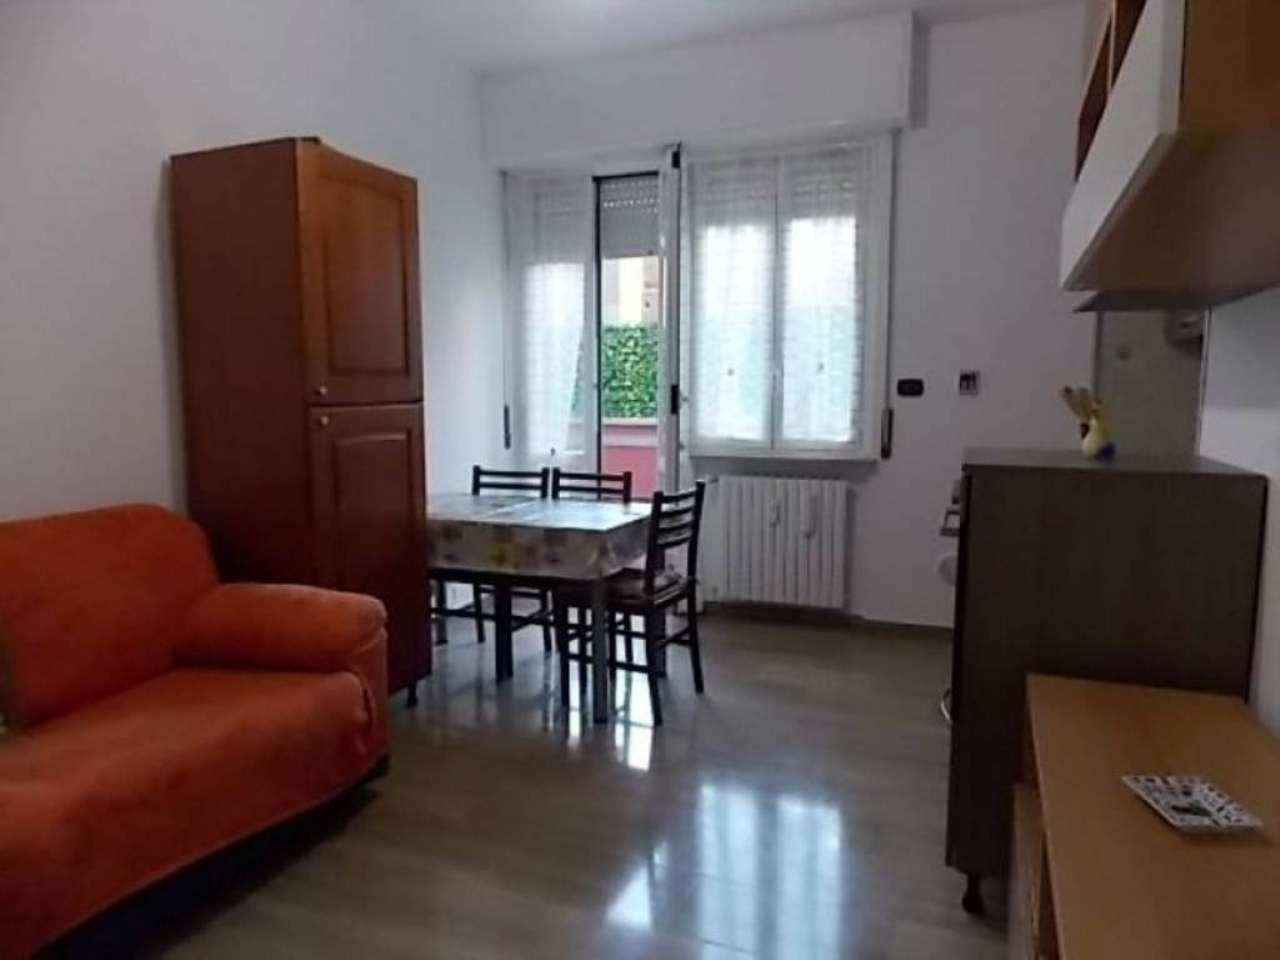 Appartamento in affitto a Settimo Milanese, 2 locali, prezzo € 650 | Cambio Casa.it